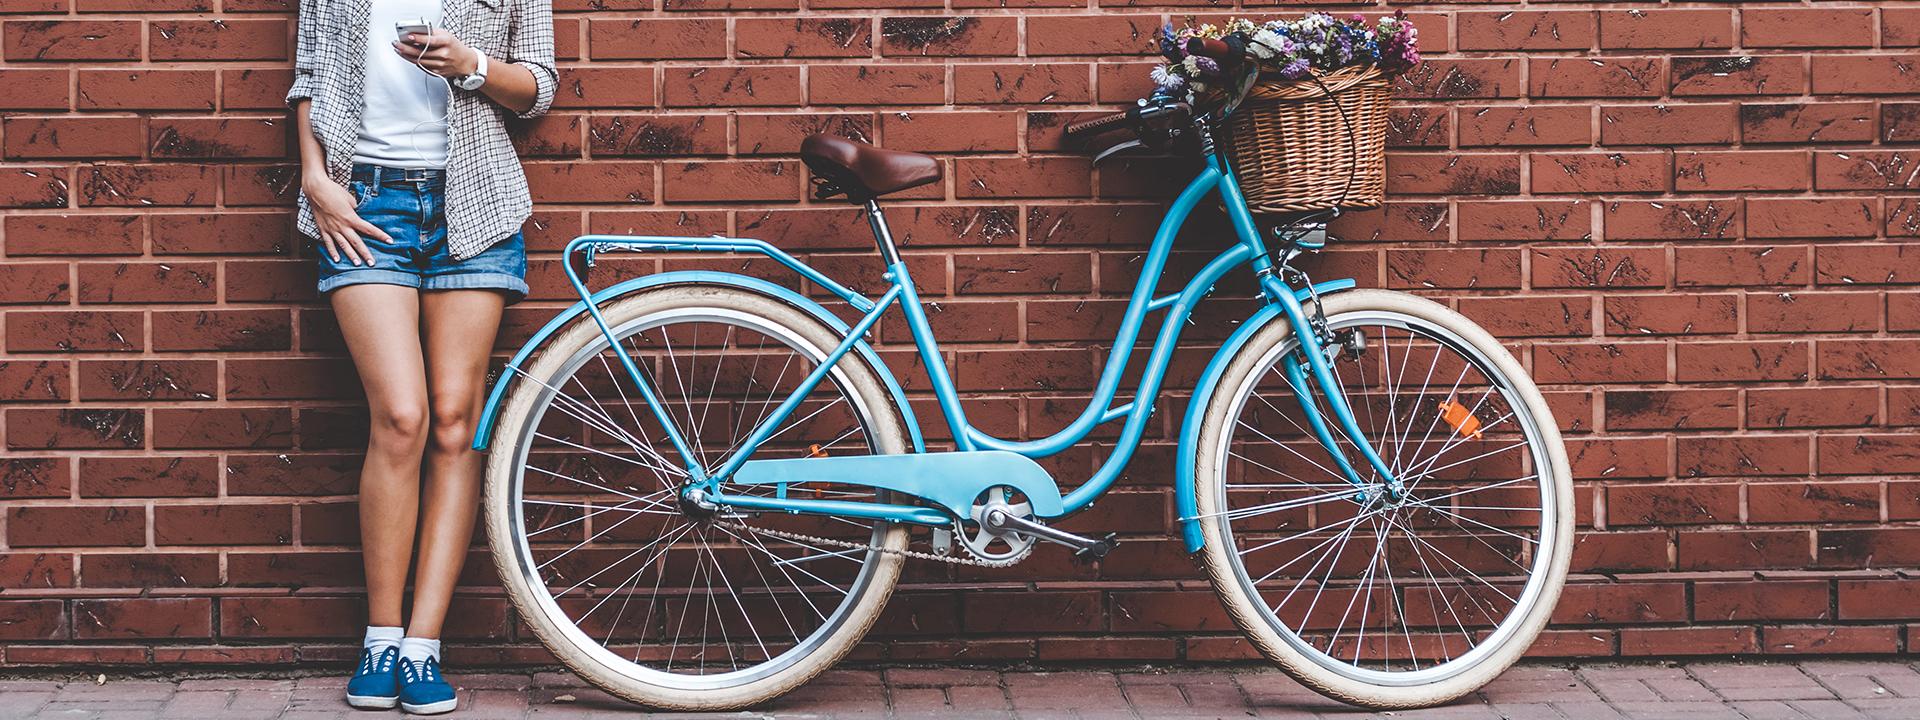 Фото корзины для велосипеда у стены